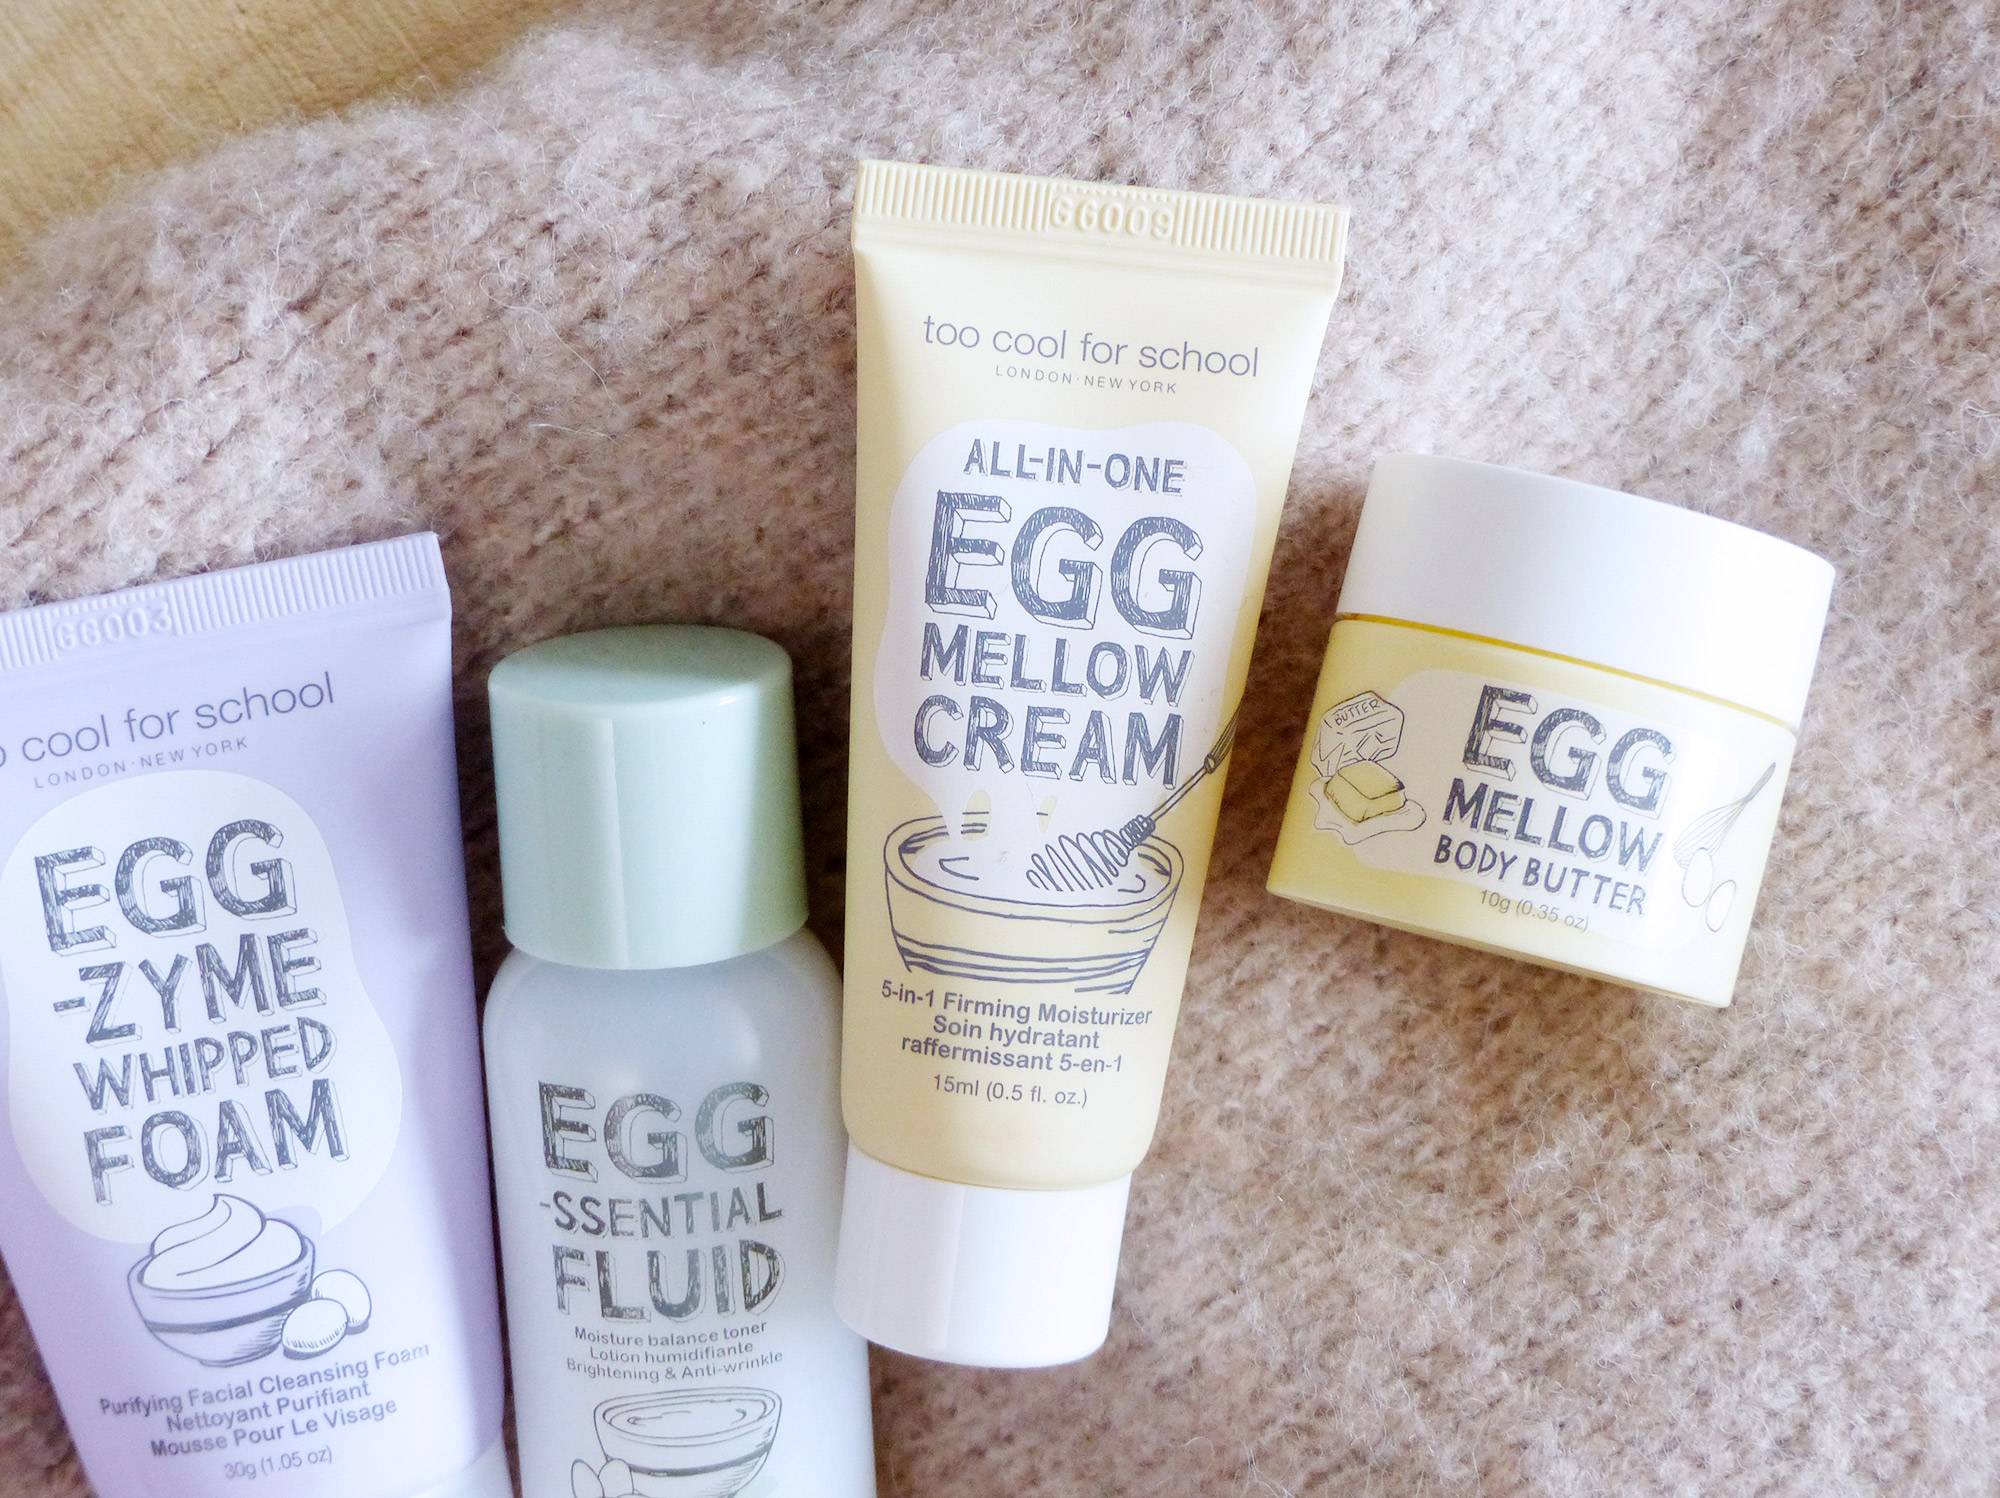 Too Cool For School Egg Mellow Cream - Autour de Marine